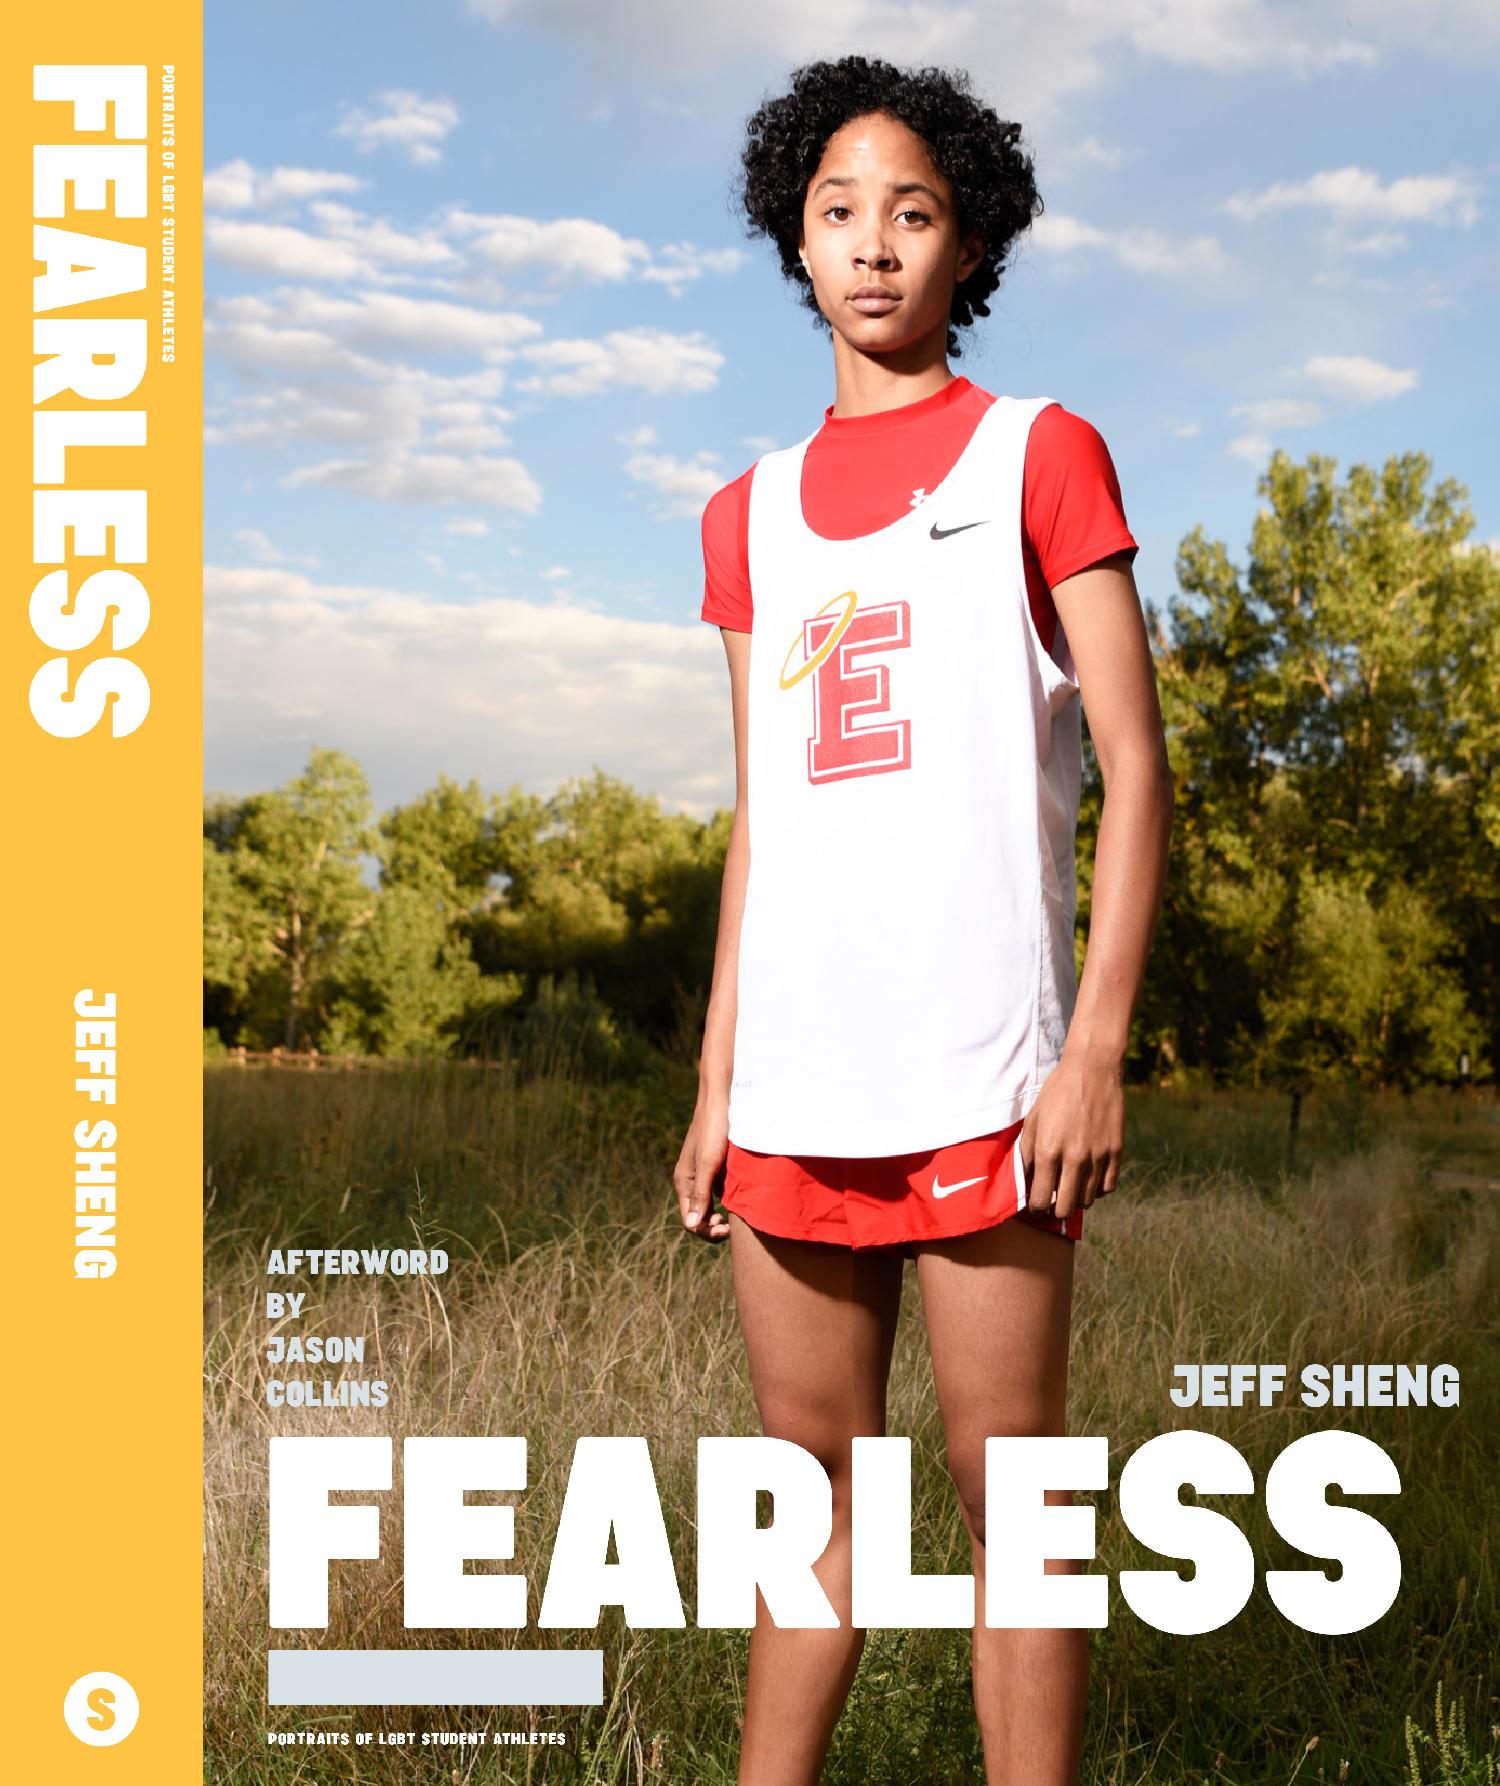 Fearless_Covers_crop.pdf-2-web-1500.jpg